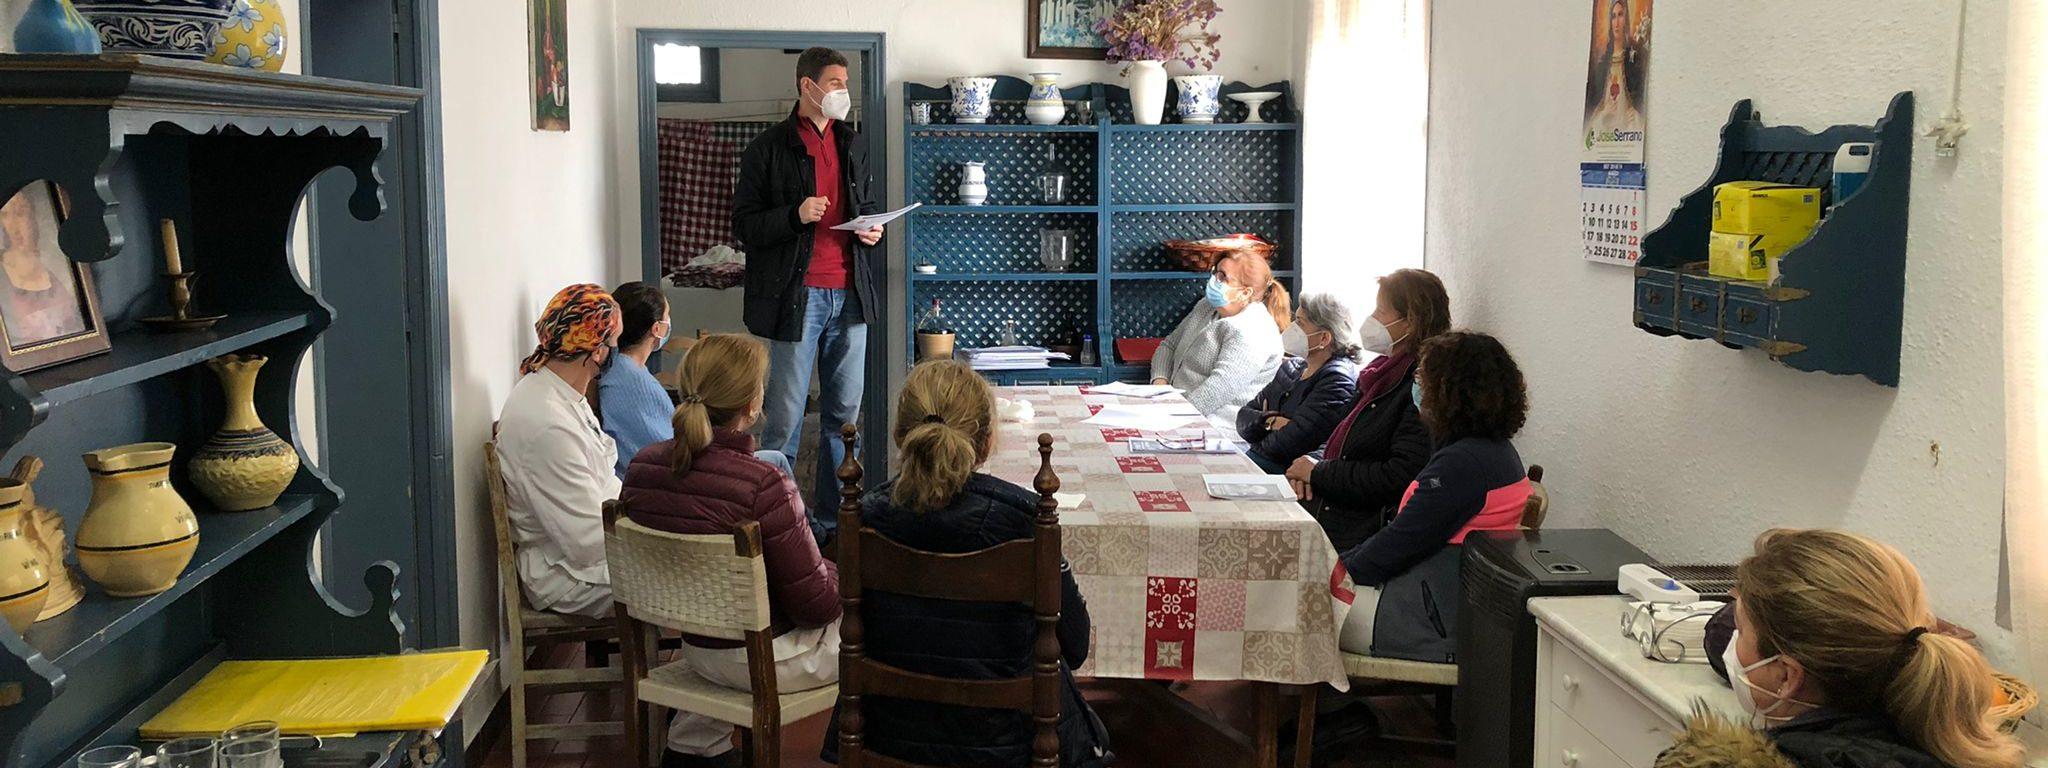 Todo el personal de cocina de Torrealba realiza con éxito el nuevo curso de manipulador de alimentos